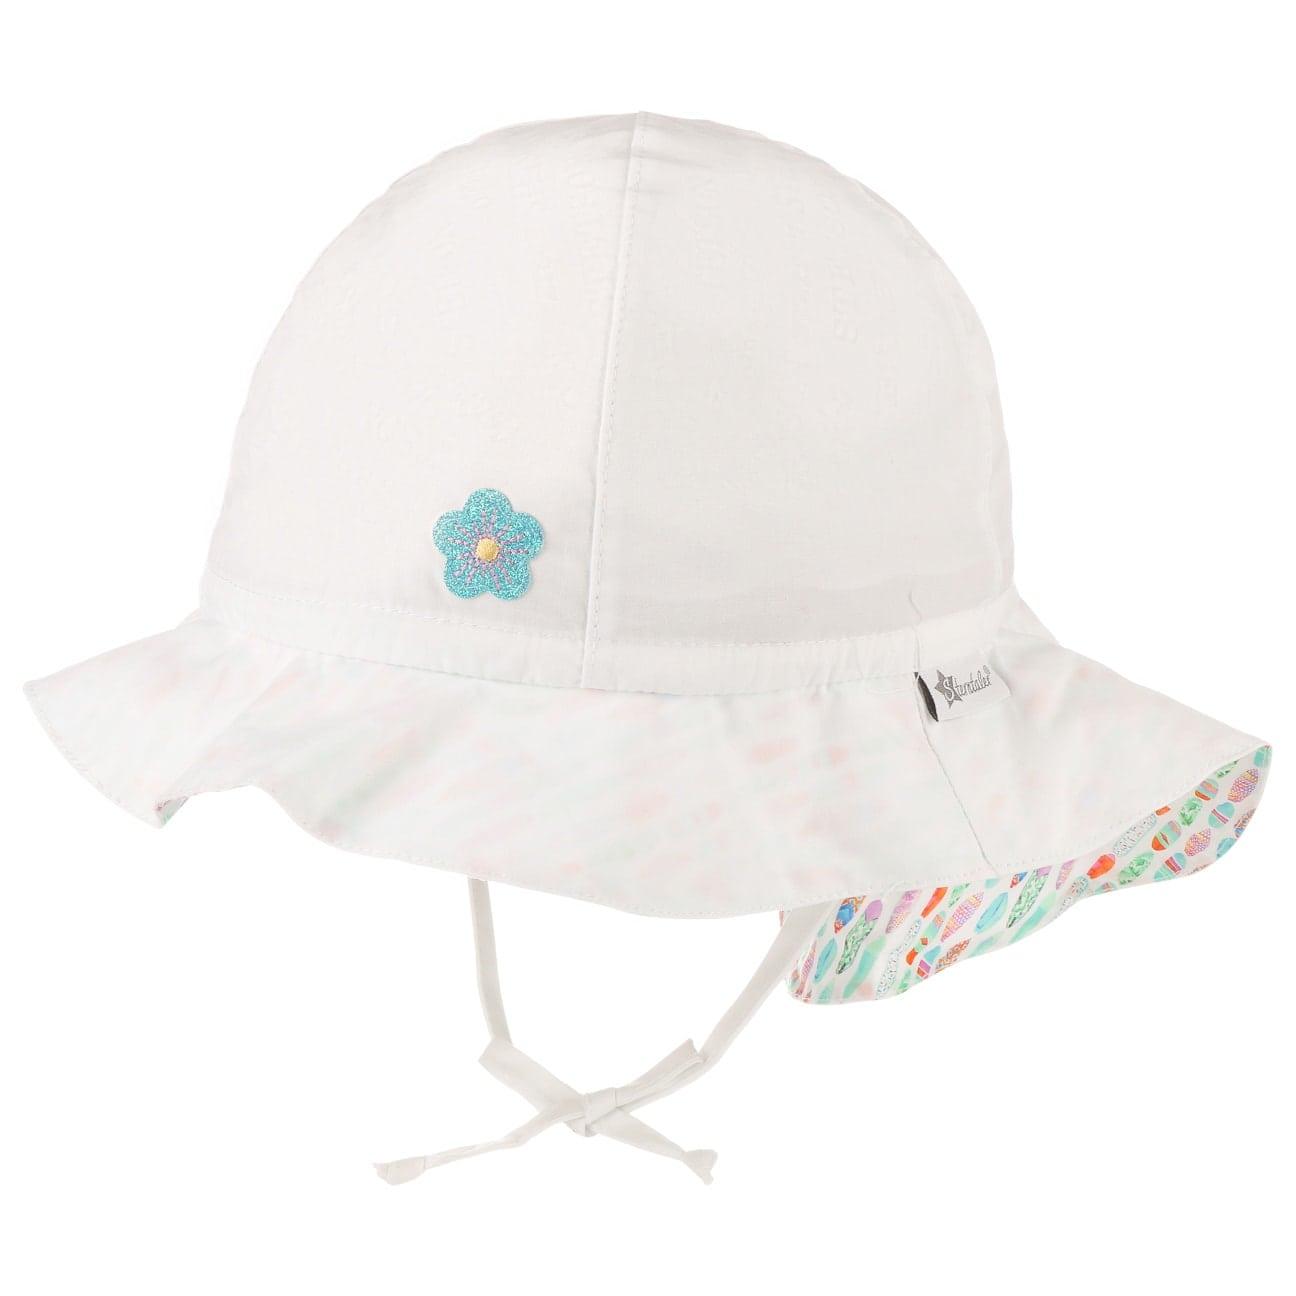 Chapeau pour Enfant Lumila by Sterntaler  chapeau de soleil